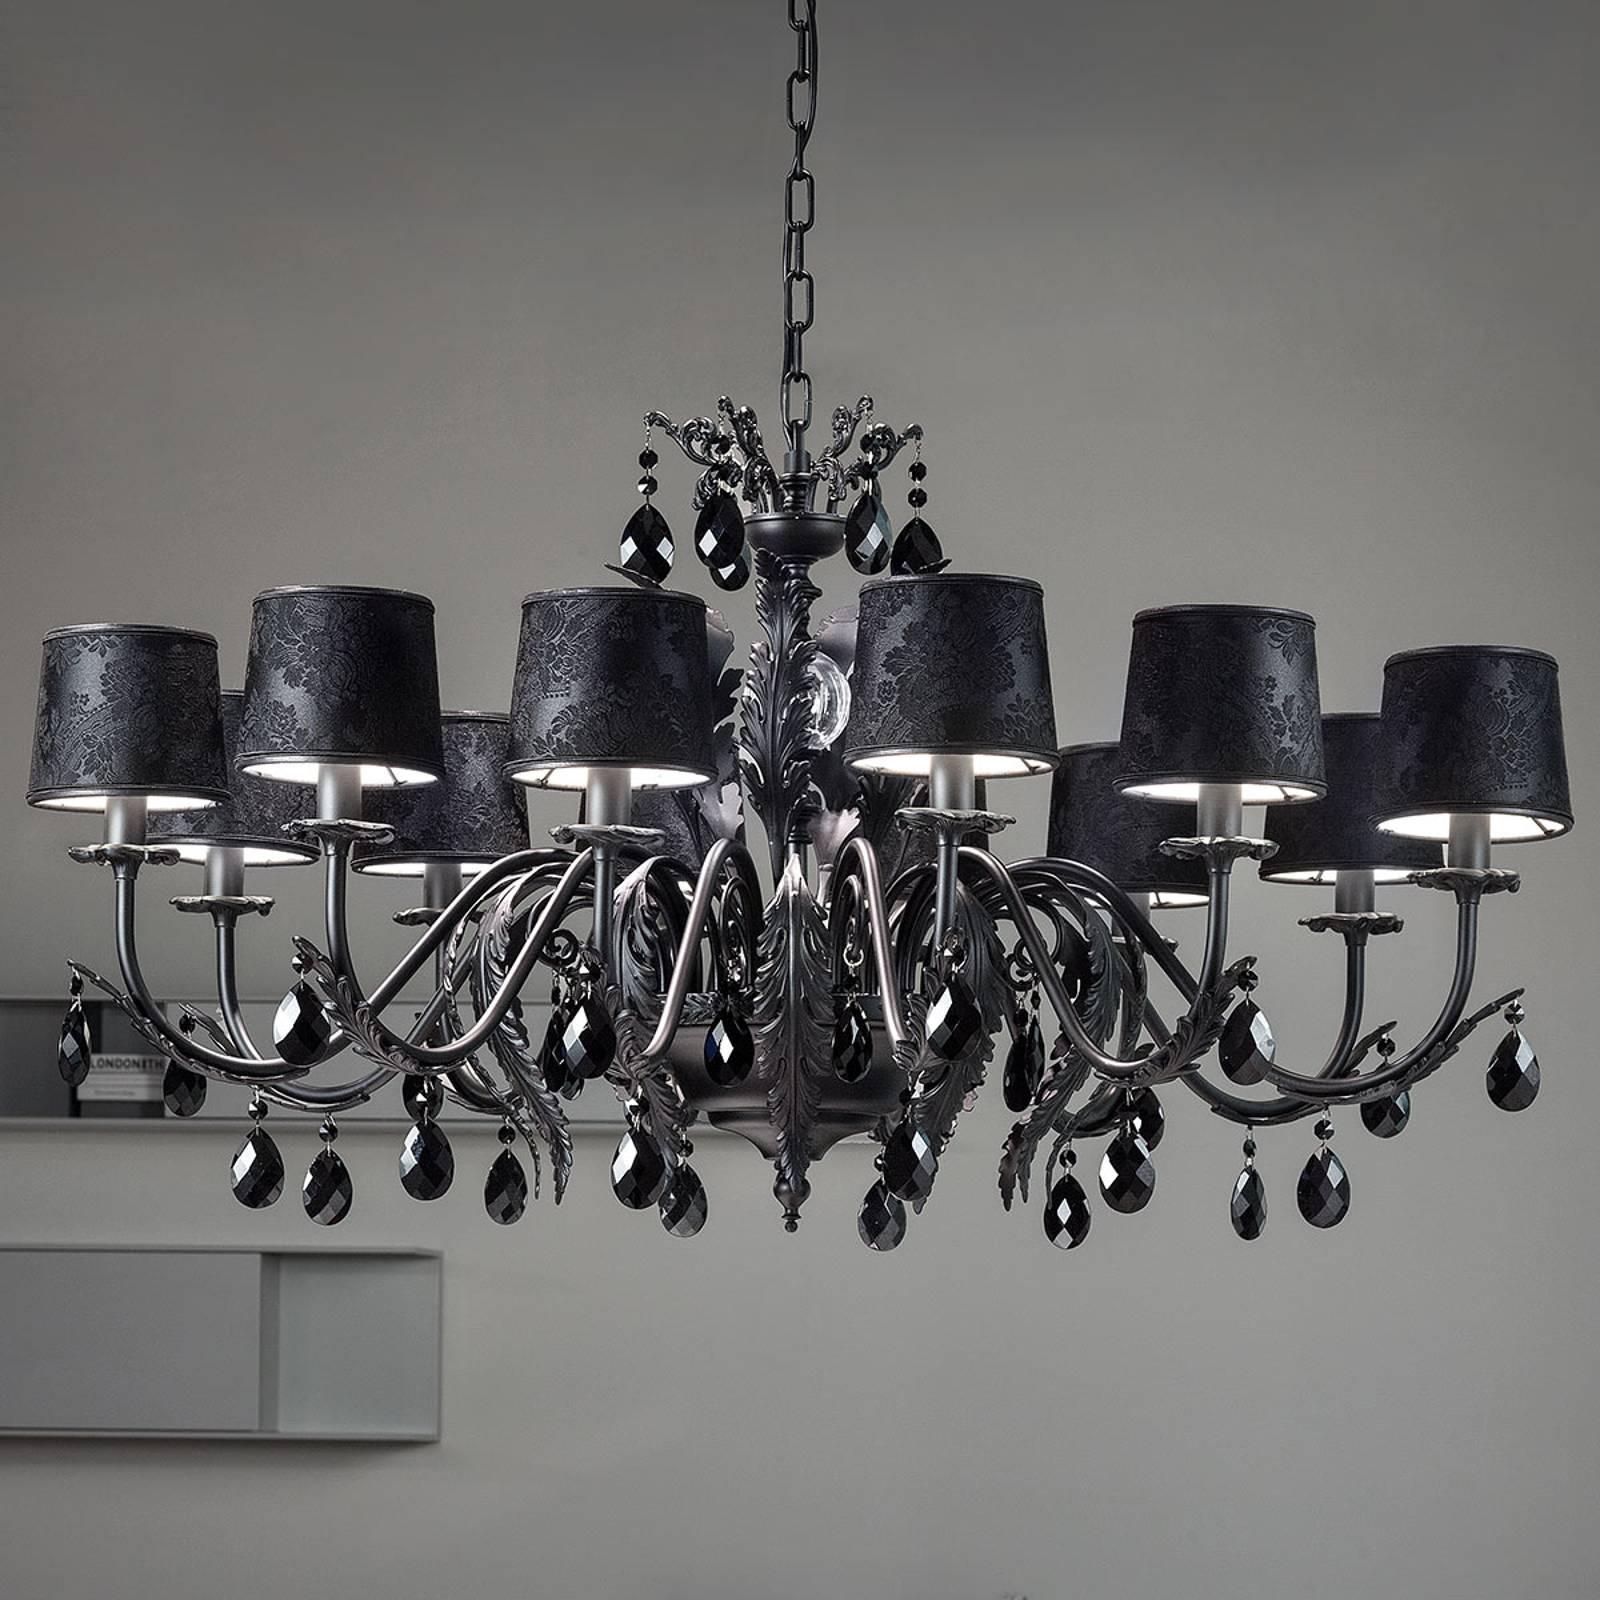 deckenlampen von masiero und andere lampen f r wohnzimmer. Black Bedroom Furniture Sets. Home Design Ideas